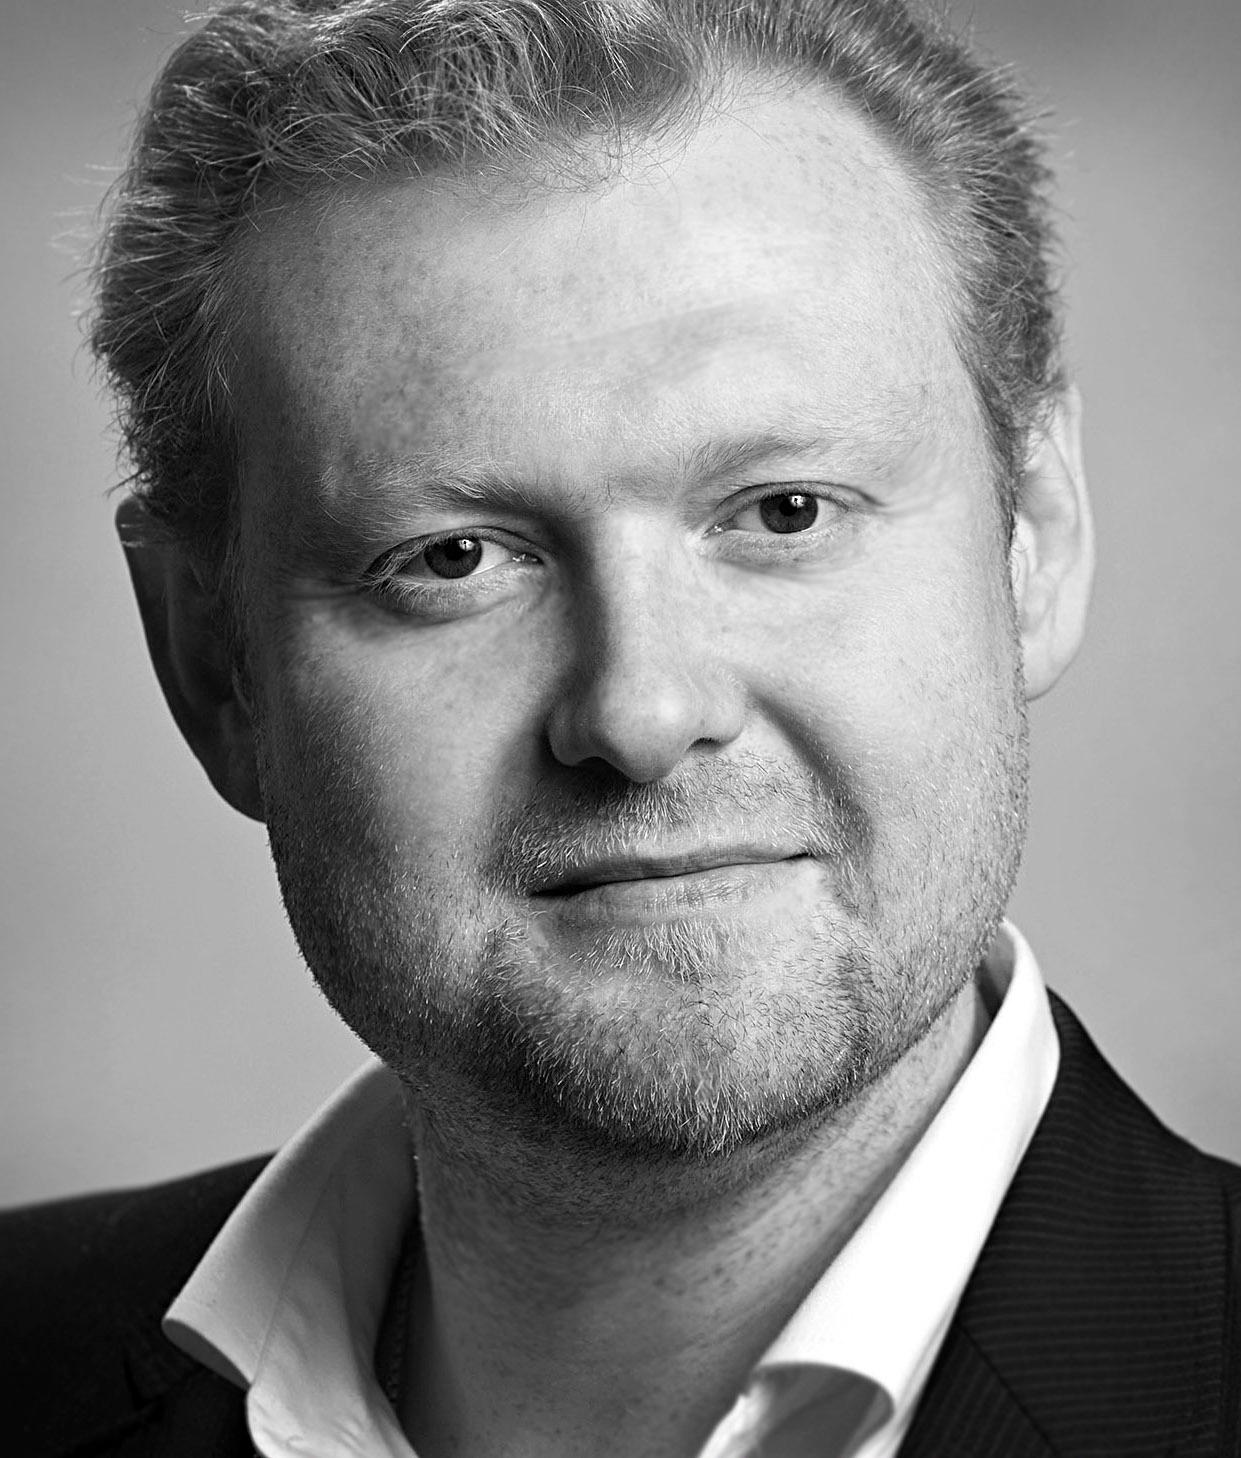 Roman Astakhov